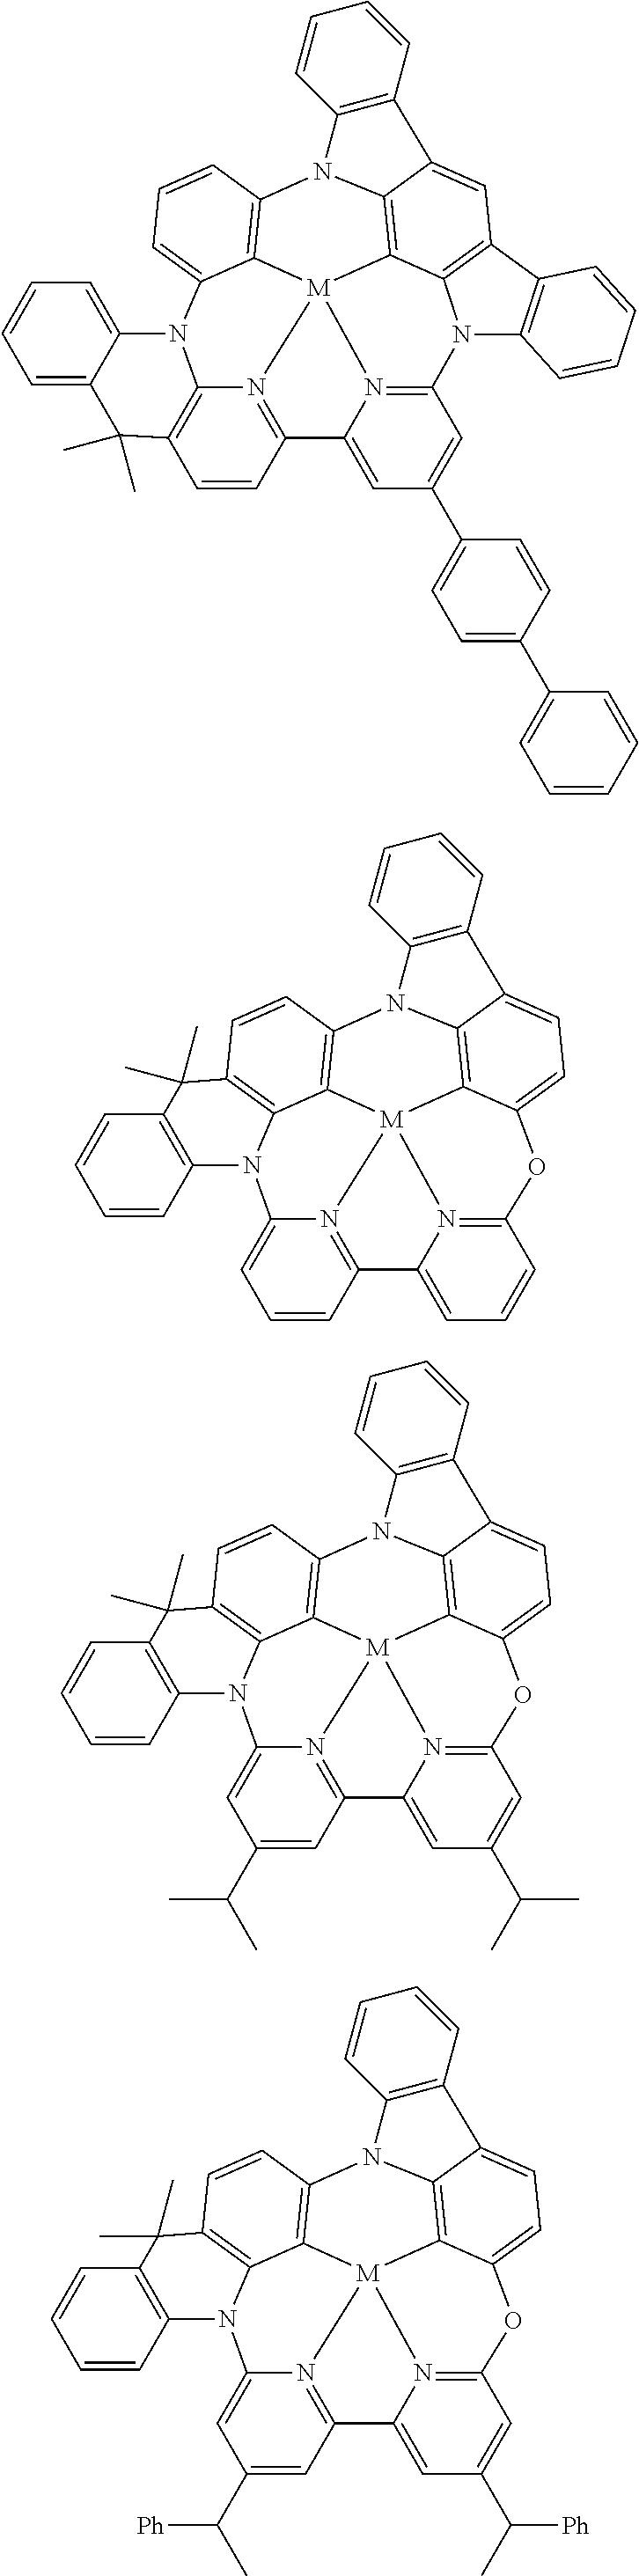 Figure US10158091-20181218-C00162